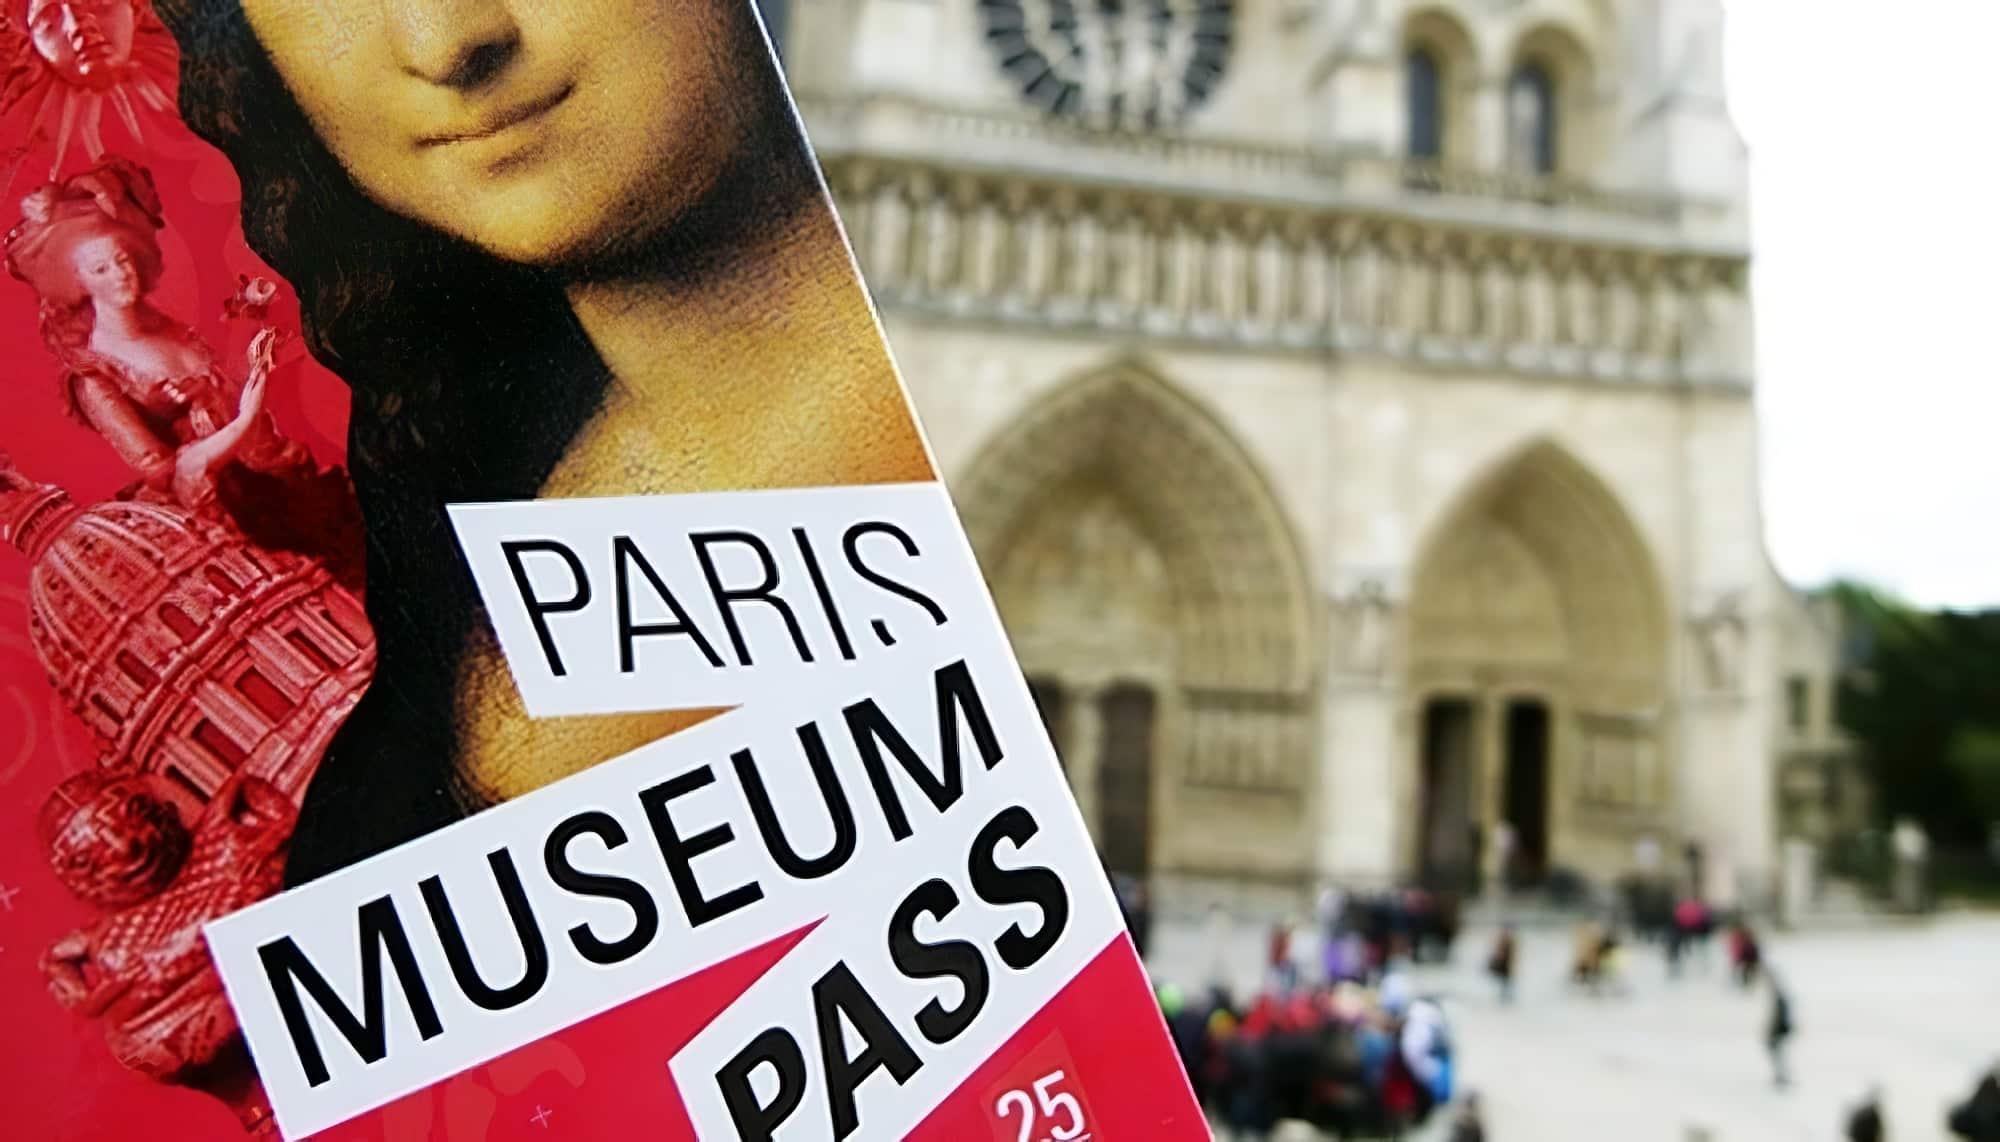 Visiter les musées parisiens avec le Paris Museum Pass